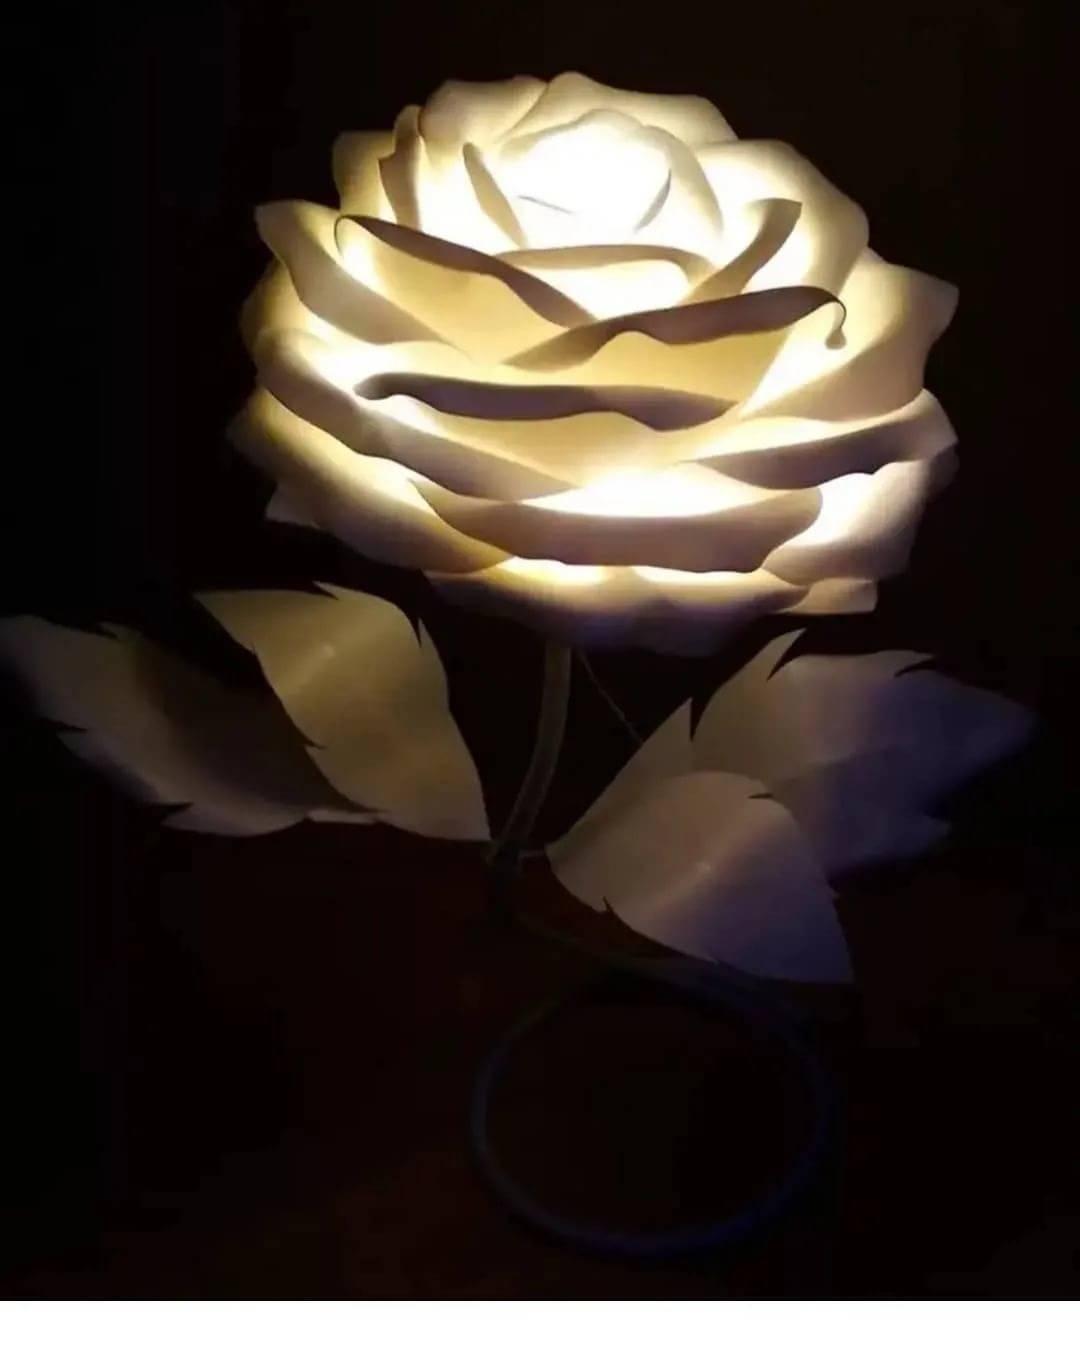 Настольные светильники из изолона (31 фото): делаем букет на плафоне своими руками, мастер-класс по изготовлению лампы в горшке